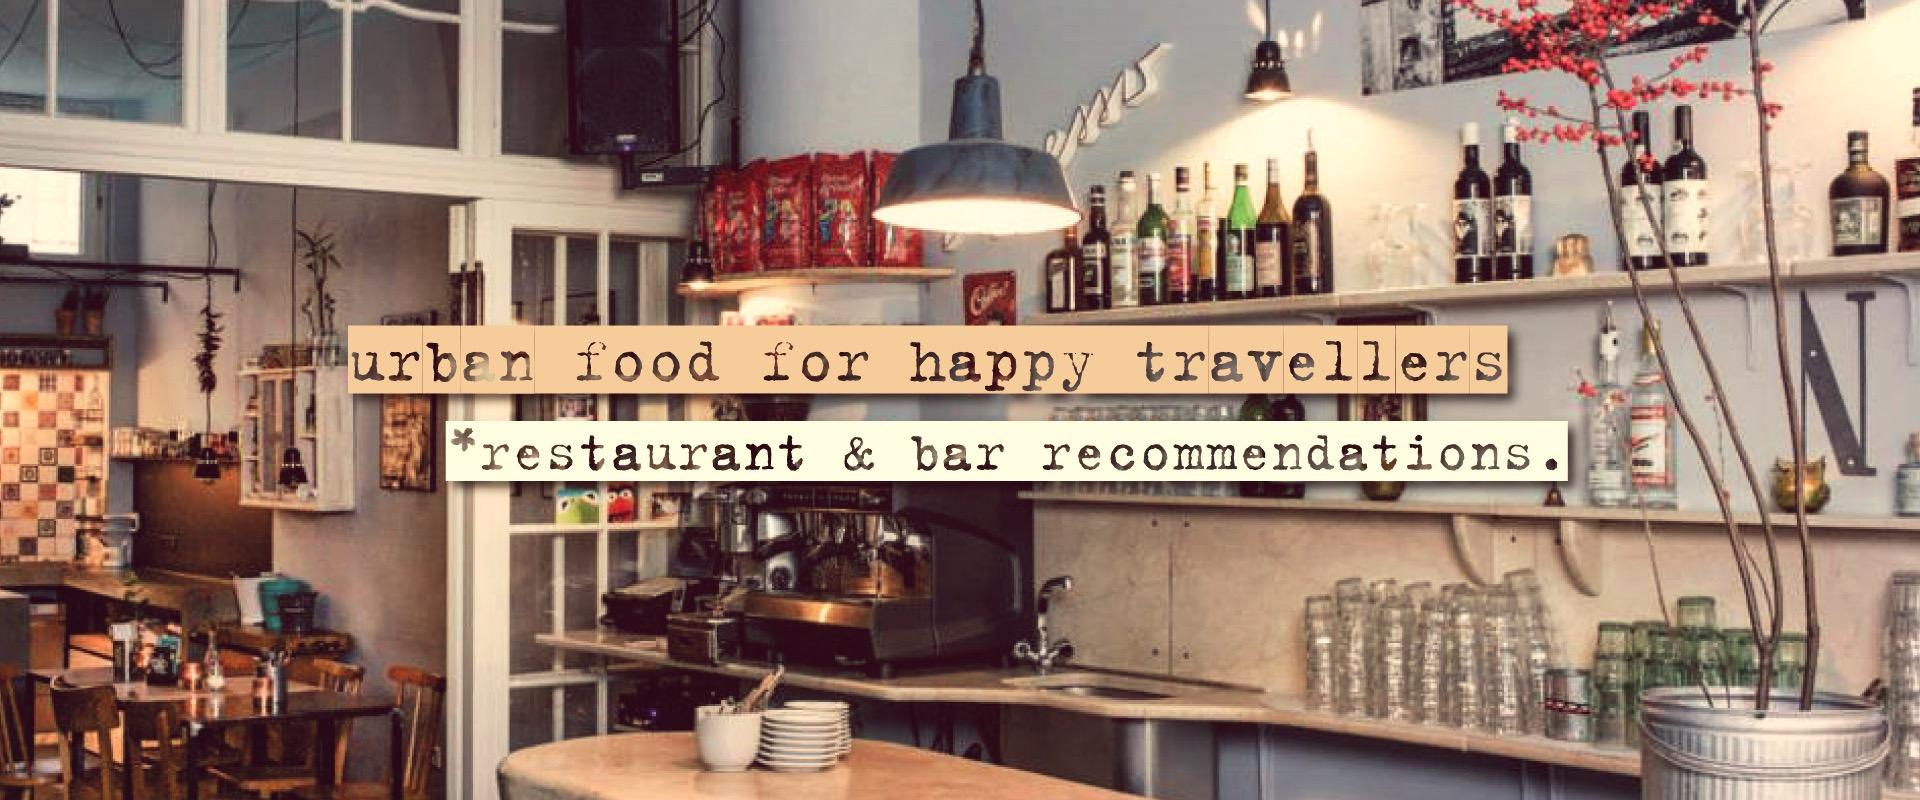 restaurants_text_filter